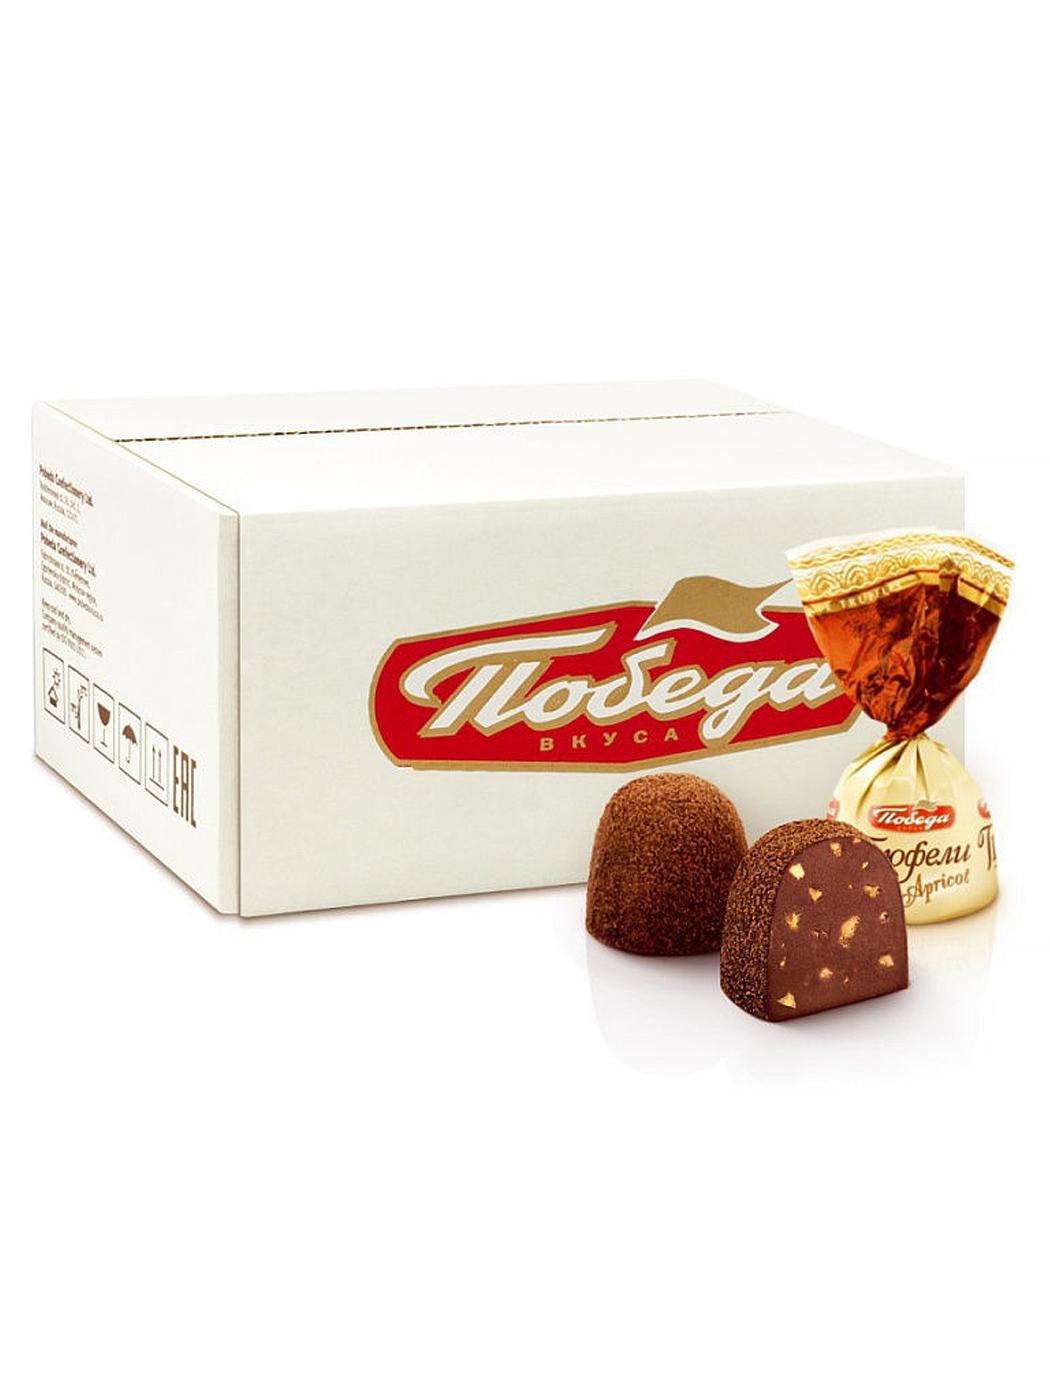 Трюфели шоколадные Победа Вкуса с абрикосом 2 кг фото